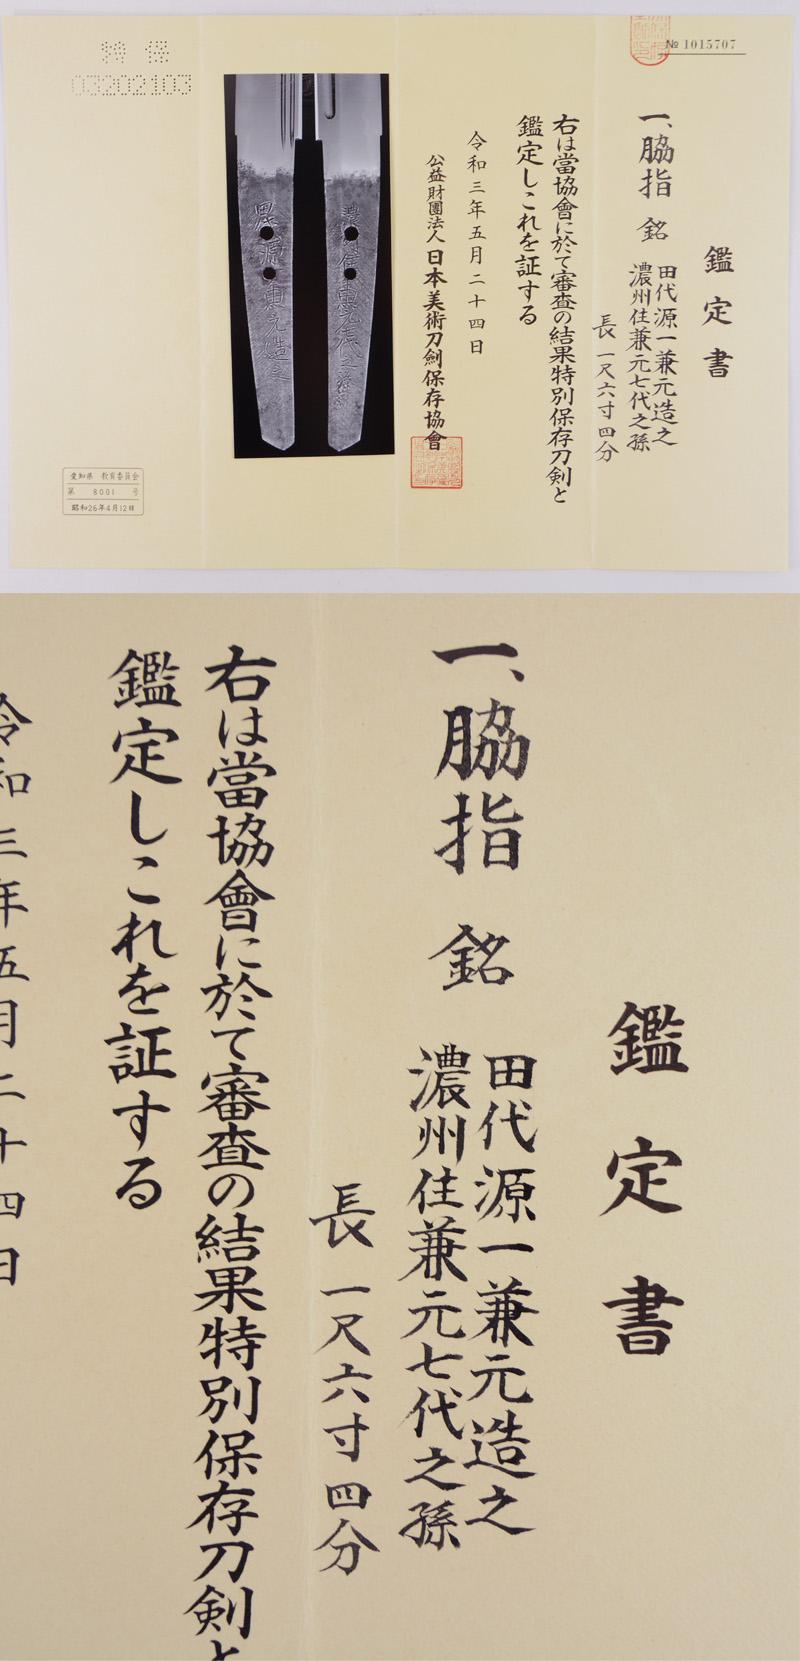 脇差 田代源一兼元造之    濃州住兼元七代之孫 Picture of Certificate